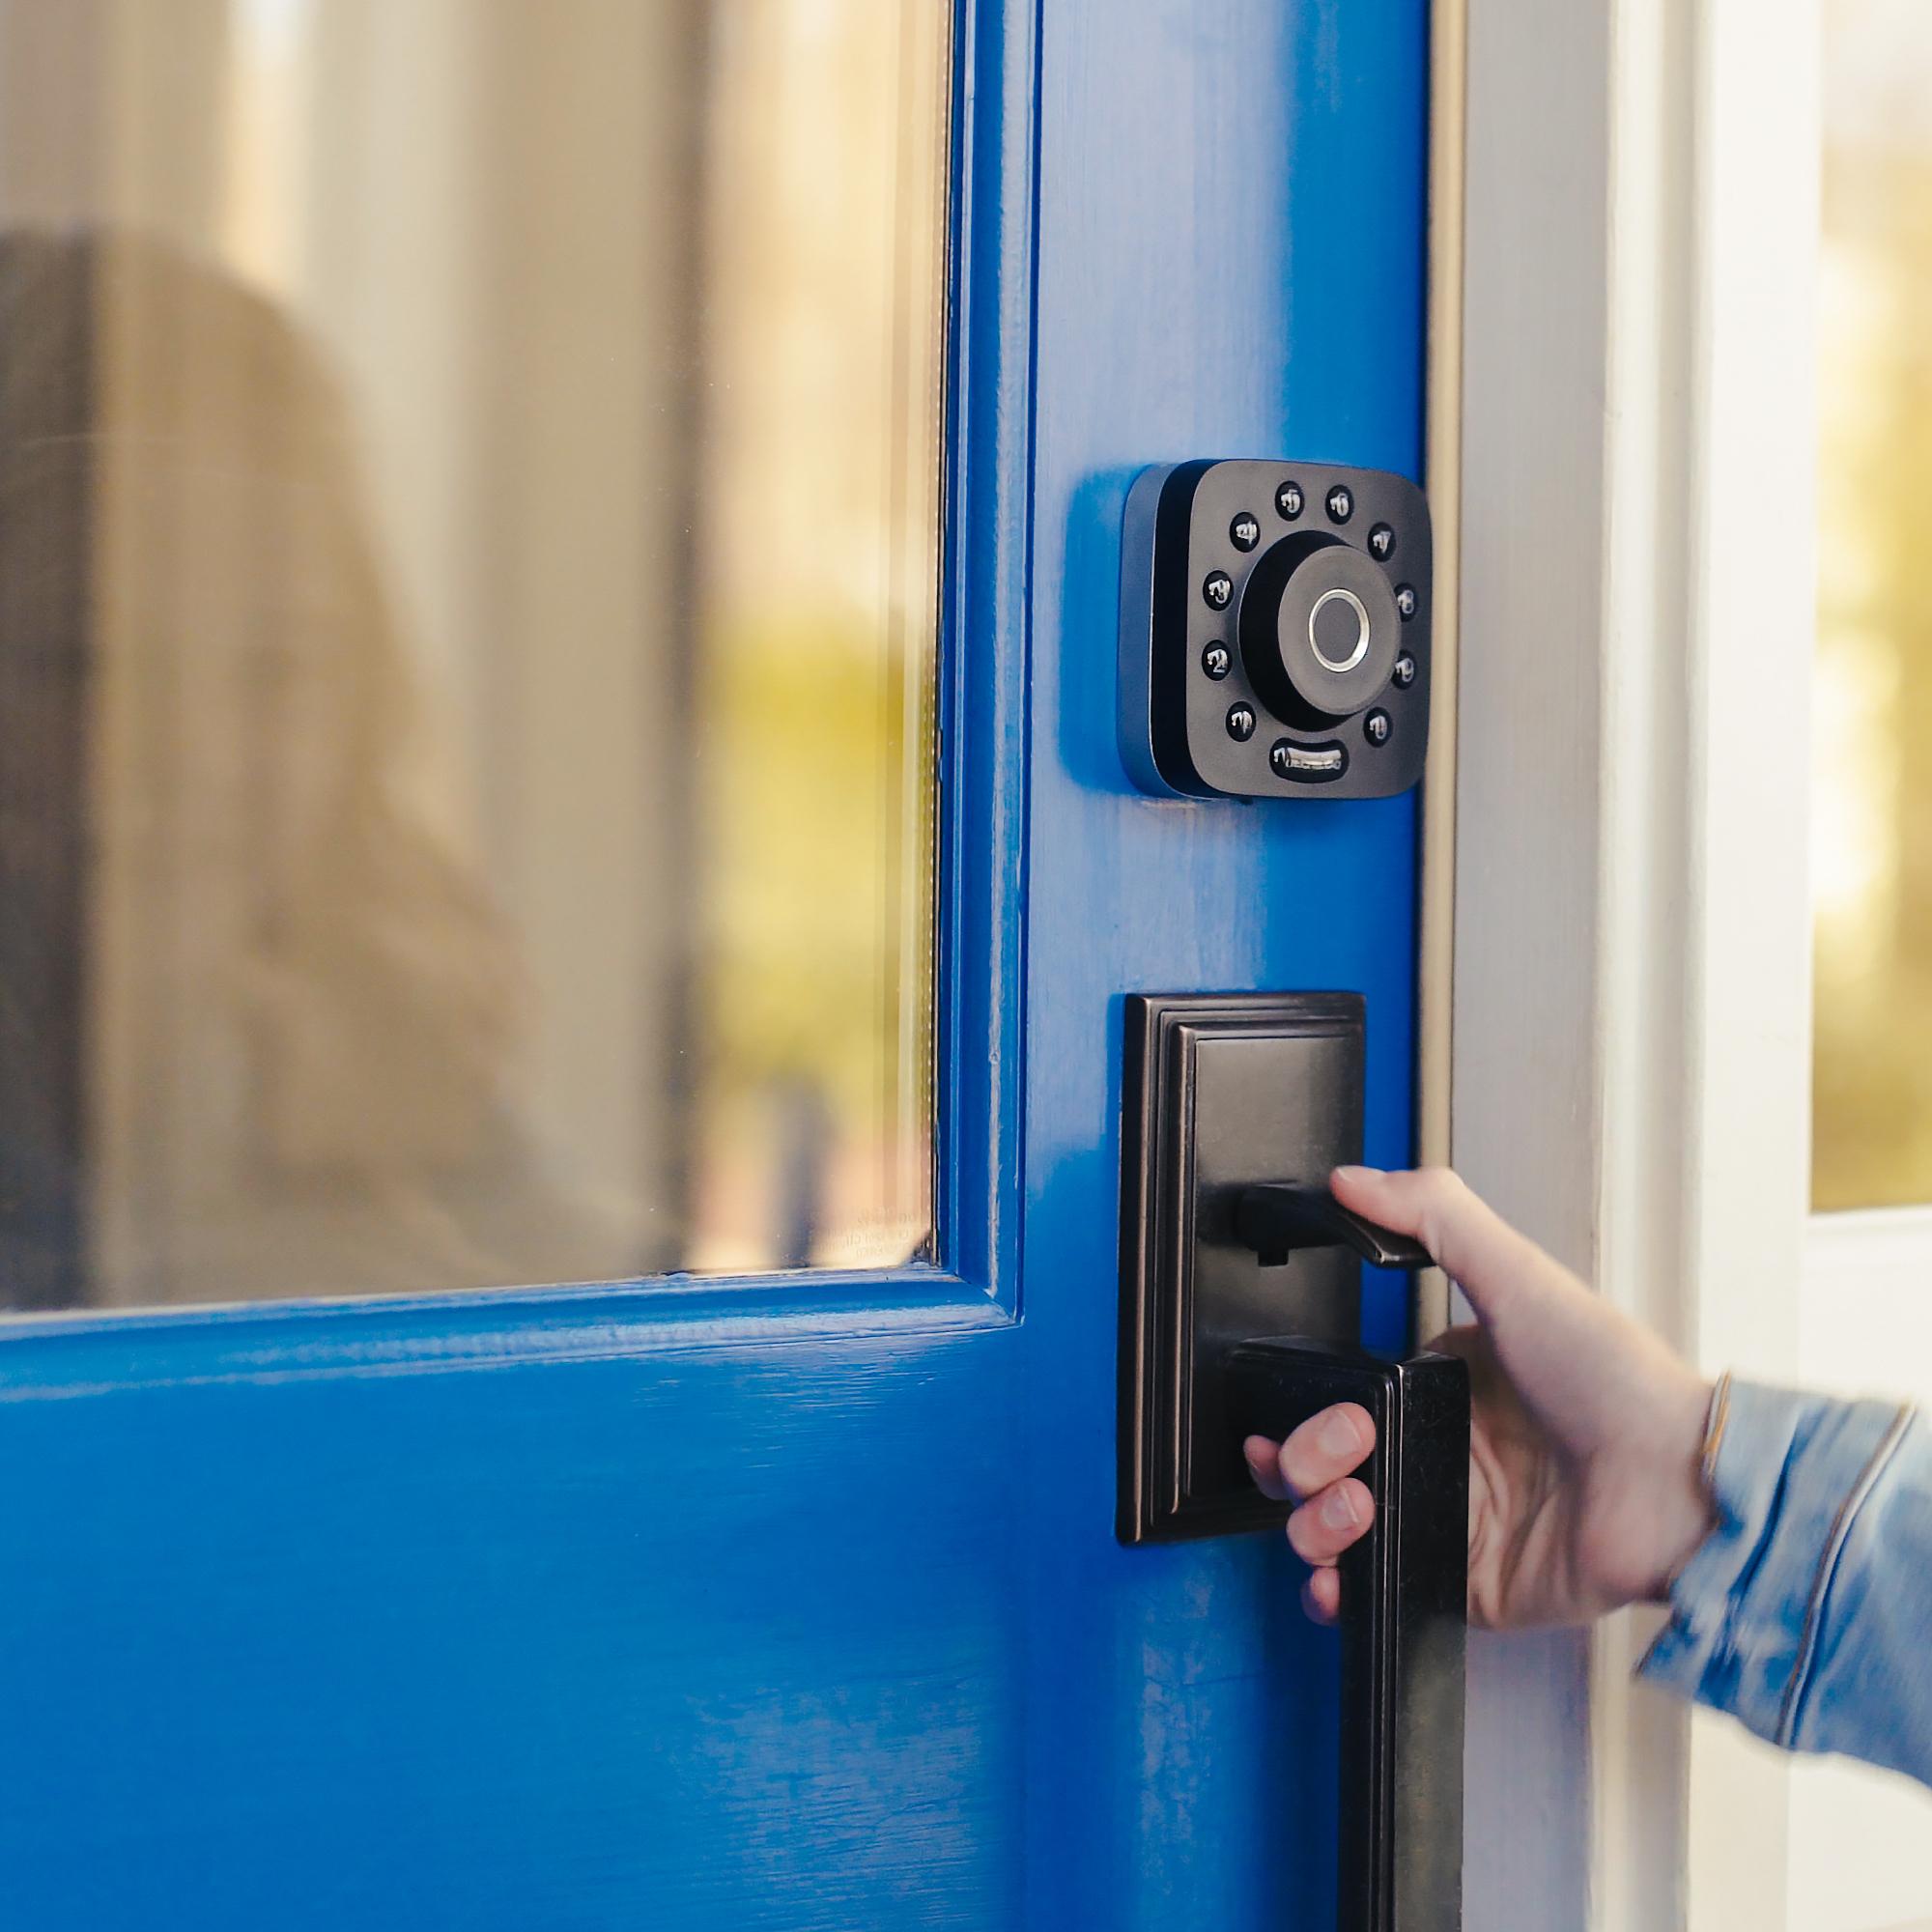 Khóa vân tay có an toàn không? Ưu điểm của khóa cửa vân tay an toàn so với khóa truyền thống